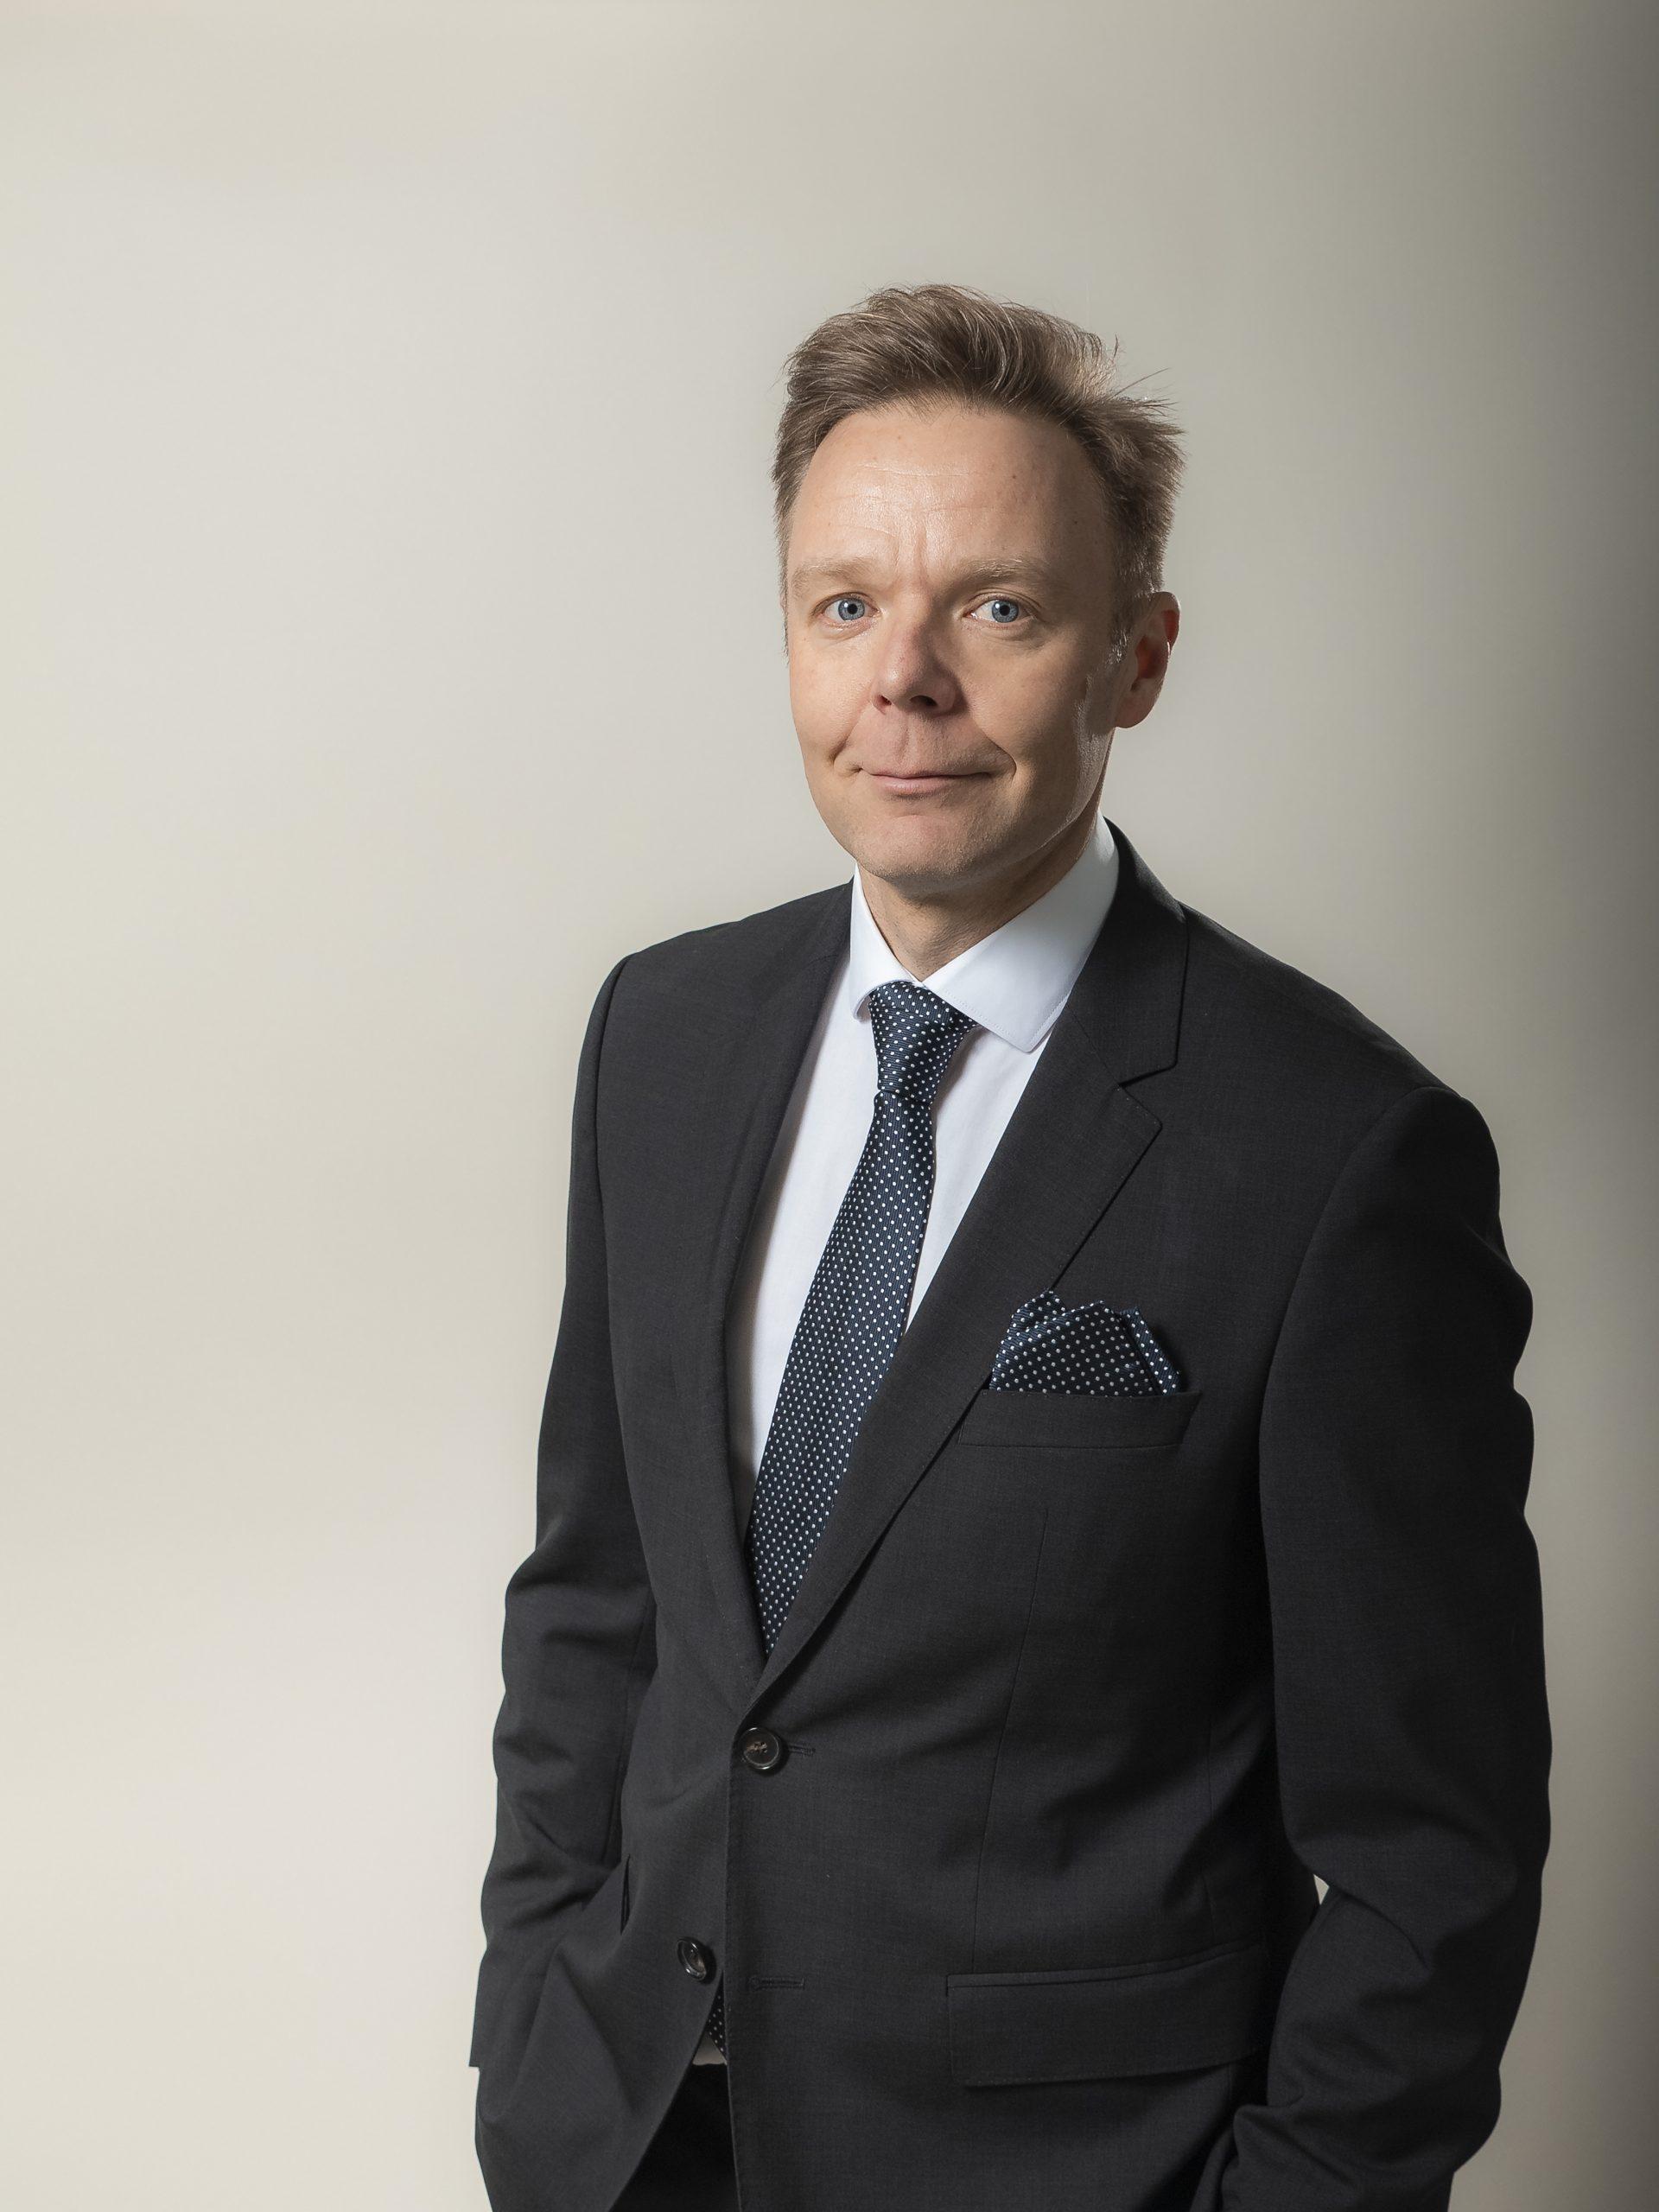 Hallituksen varapuheenjohtaja Jaakko Kurikka